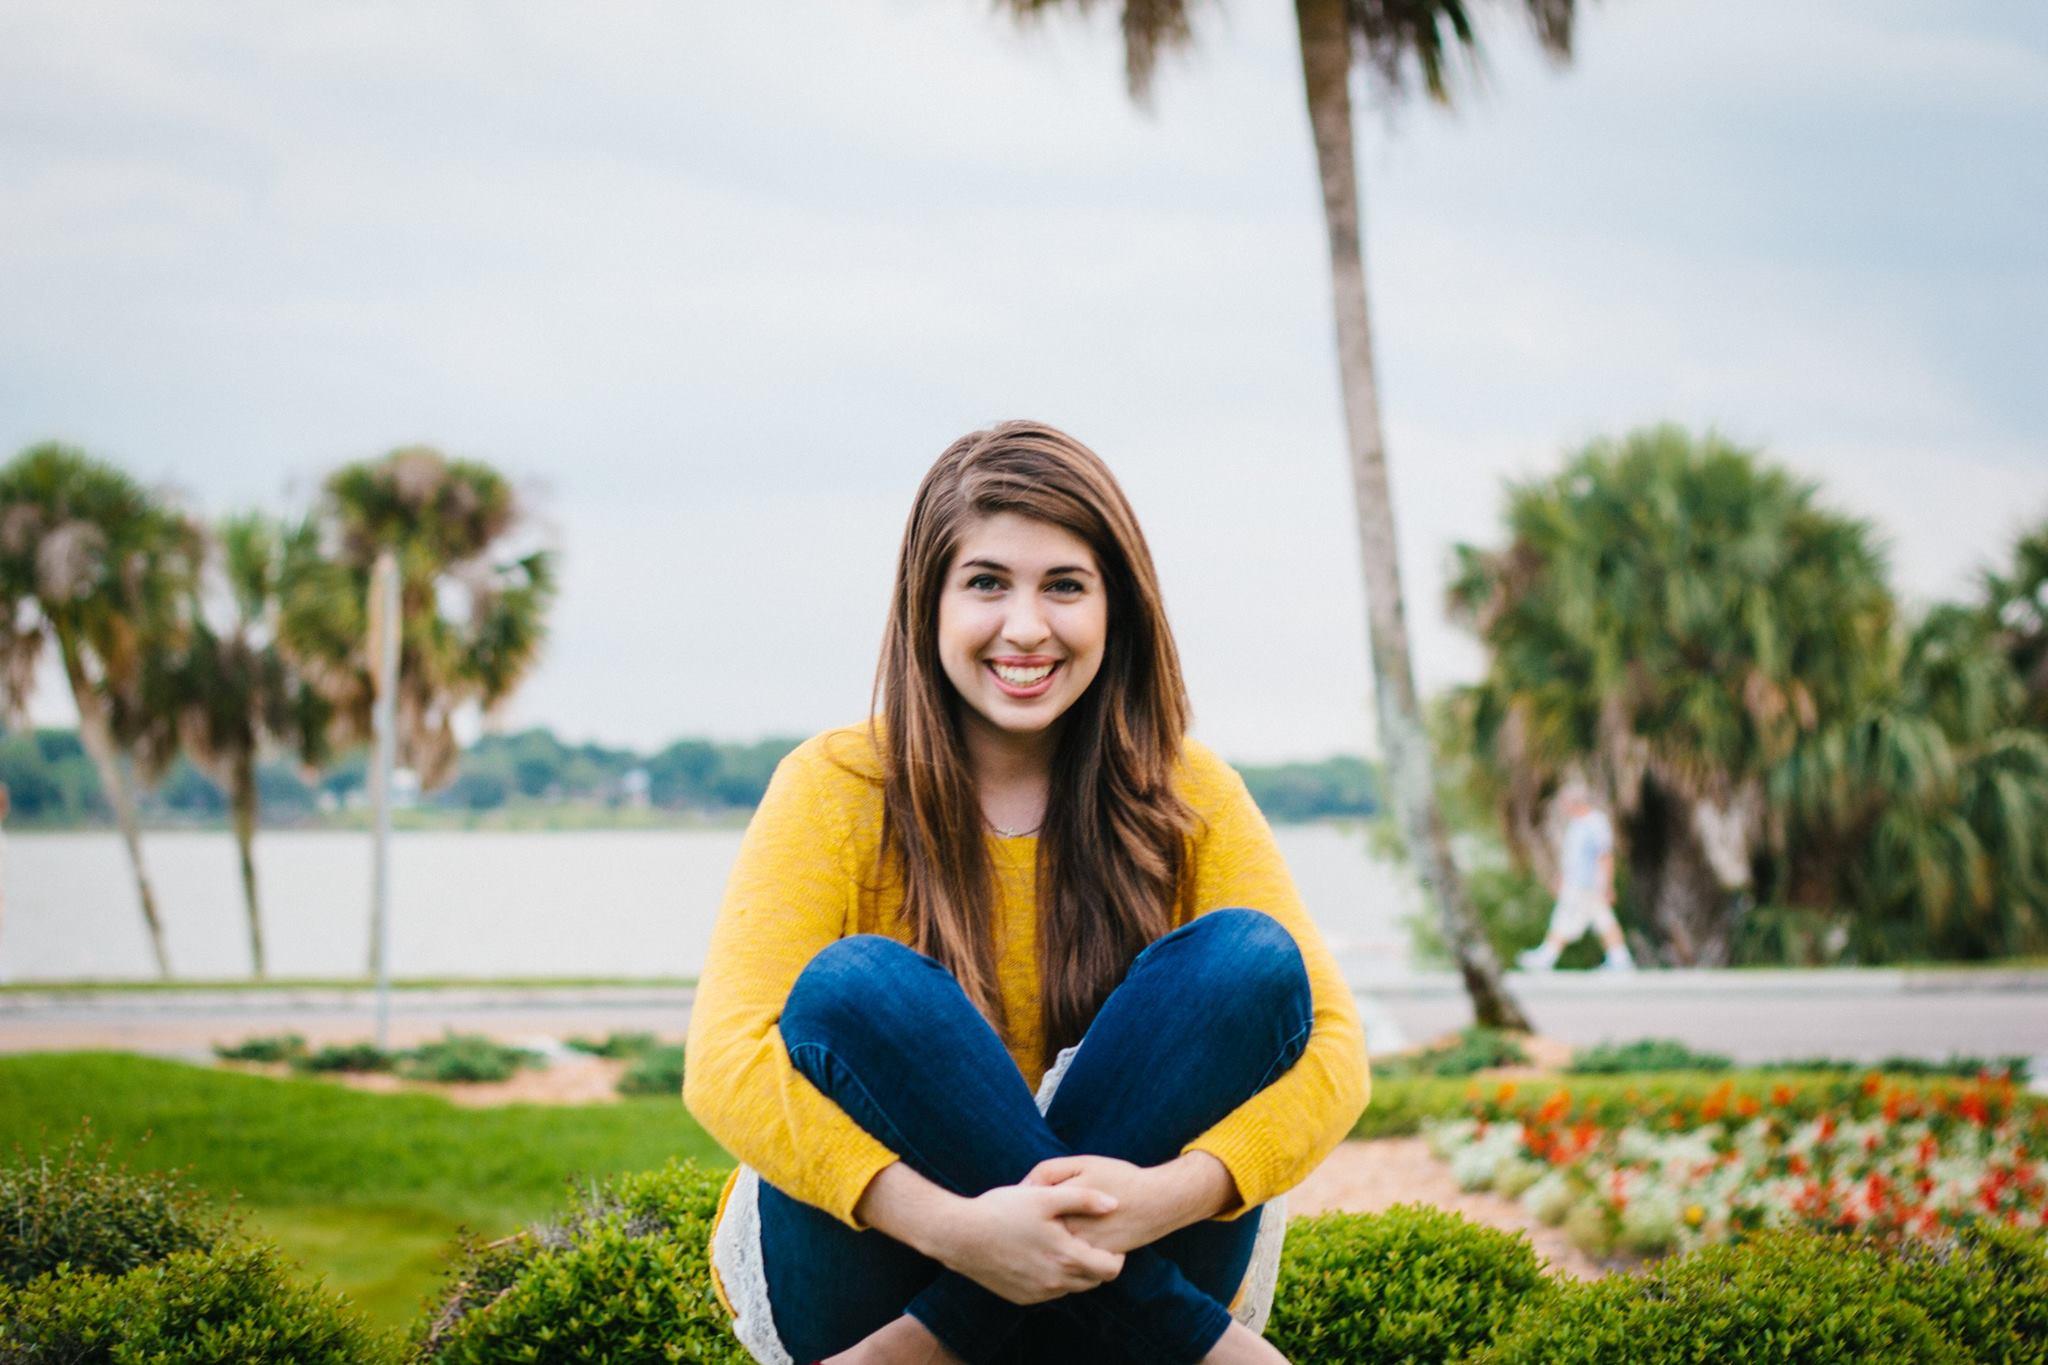 New City Church intern, Amy Scroggin